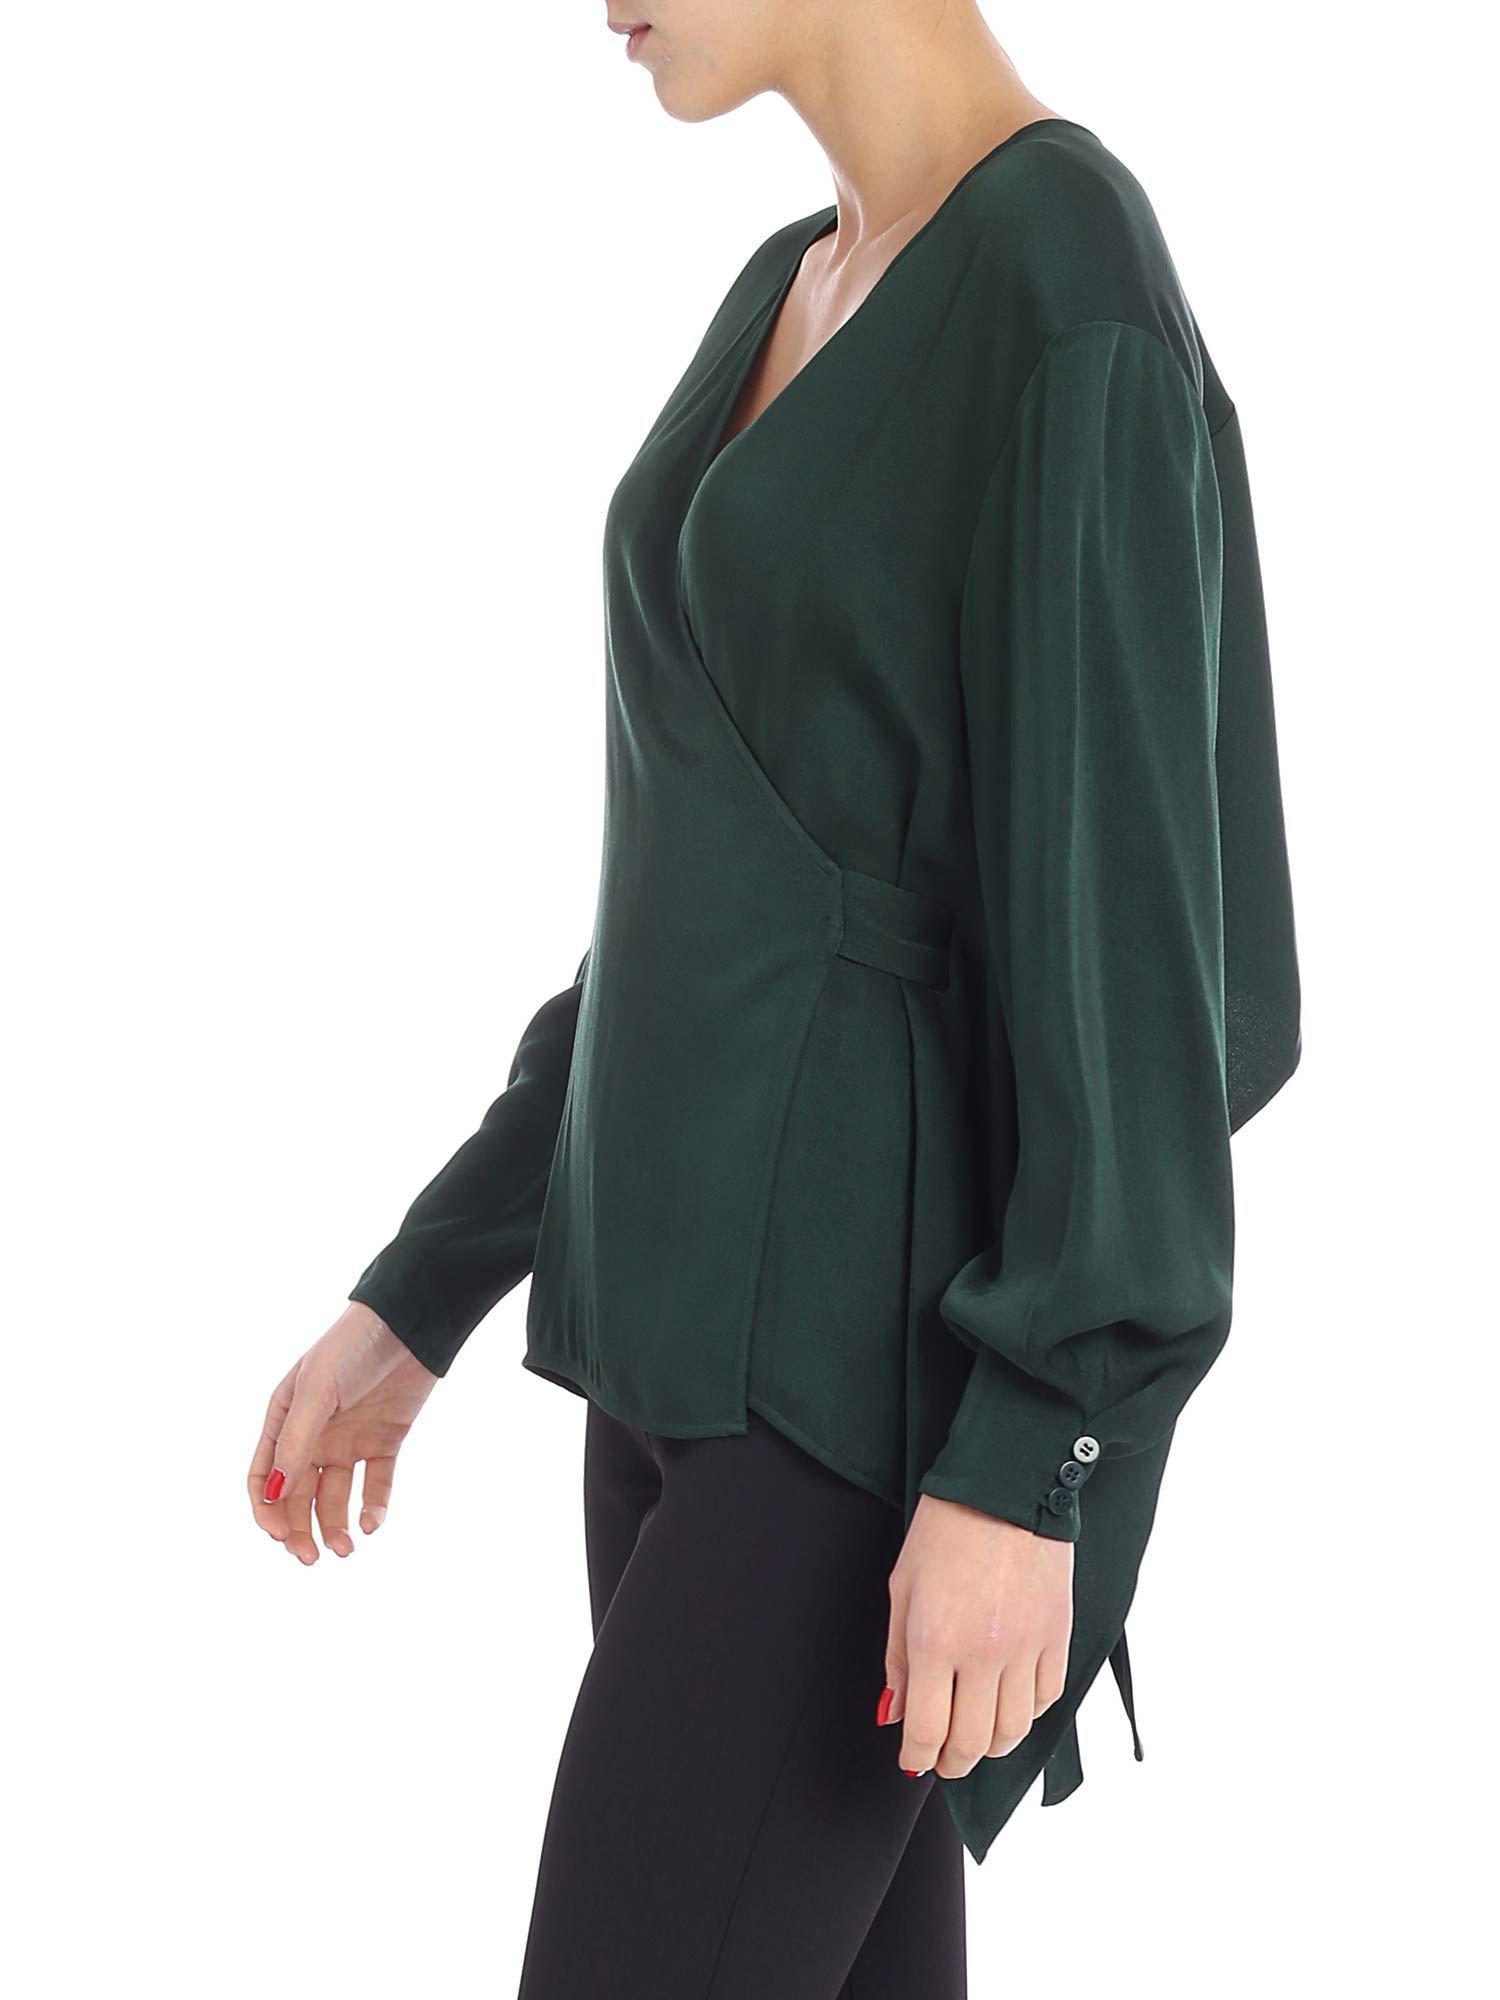 1a0029530feef Lyst - Diane von Furstenberg Green Wrap Blouse in Green